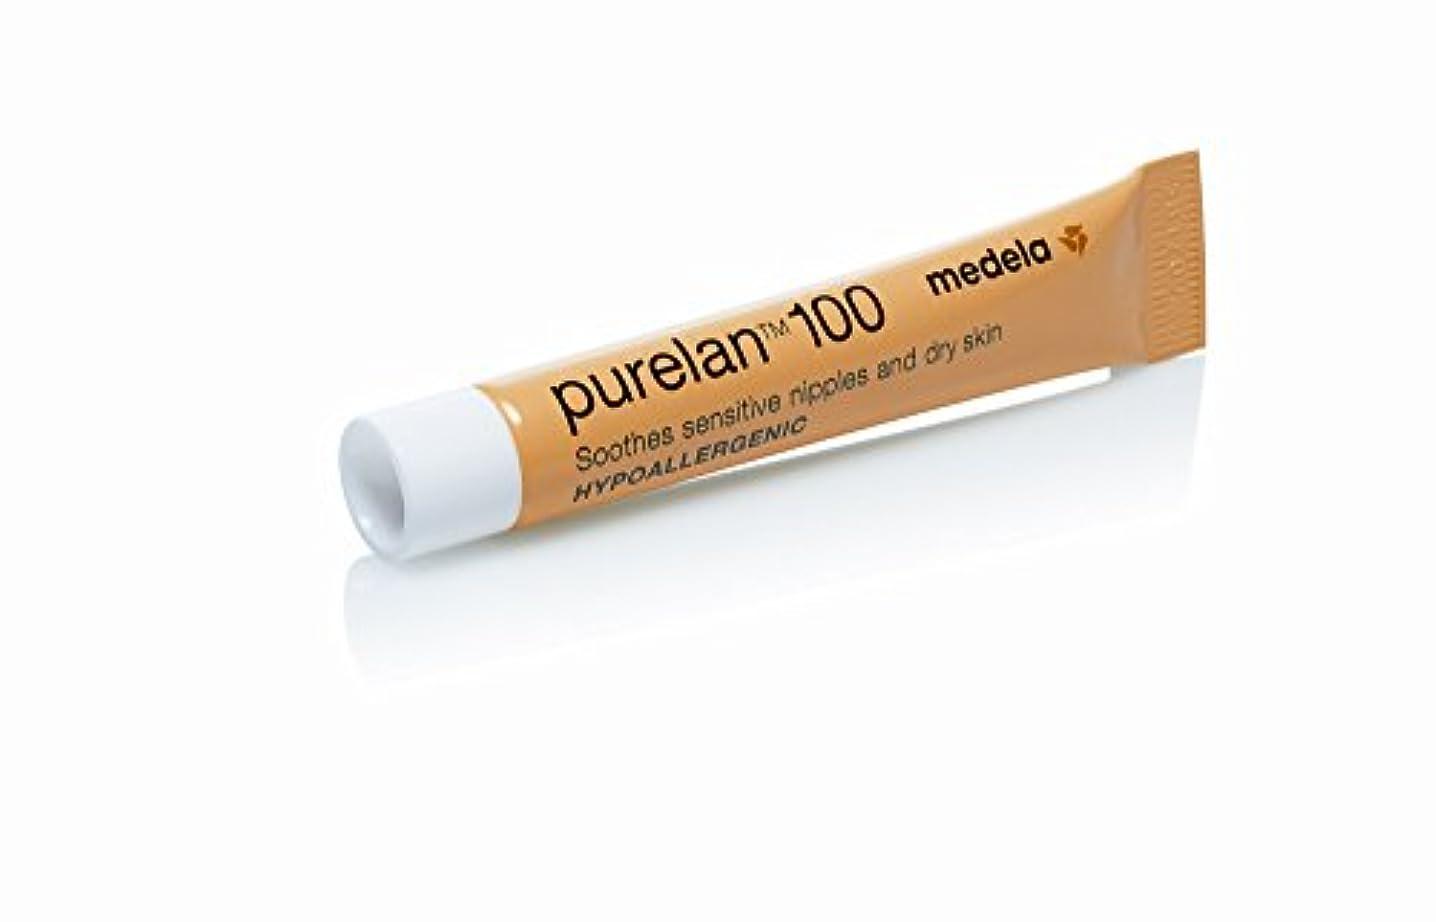 に負けるホイットニーターゲットMedela メデラ 乳頭保護クリーム ピュアレーン100 7g 天然ラノリン 100% (008.0018)